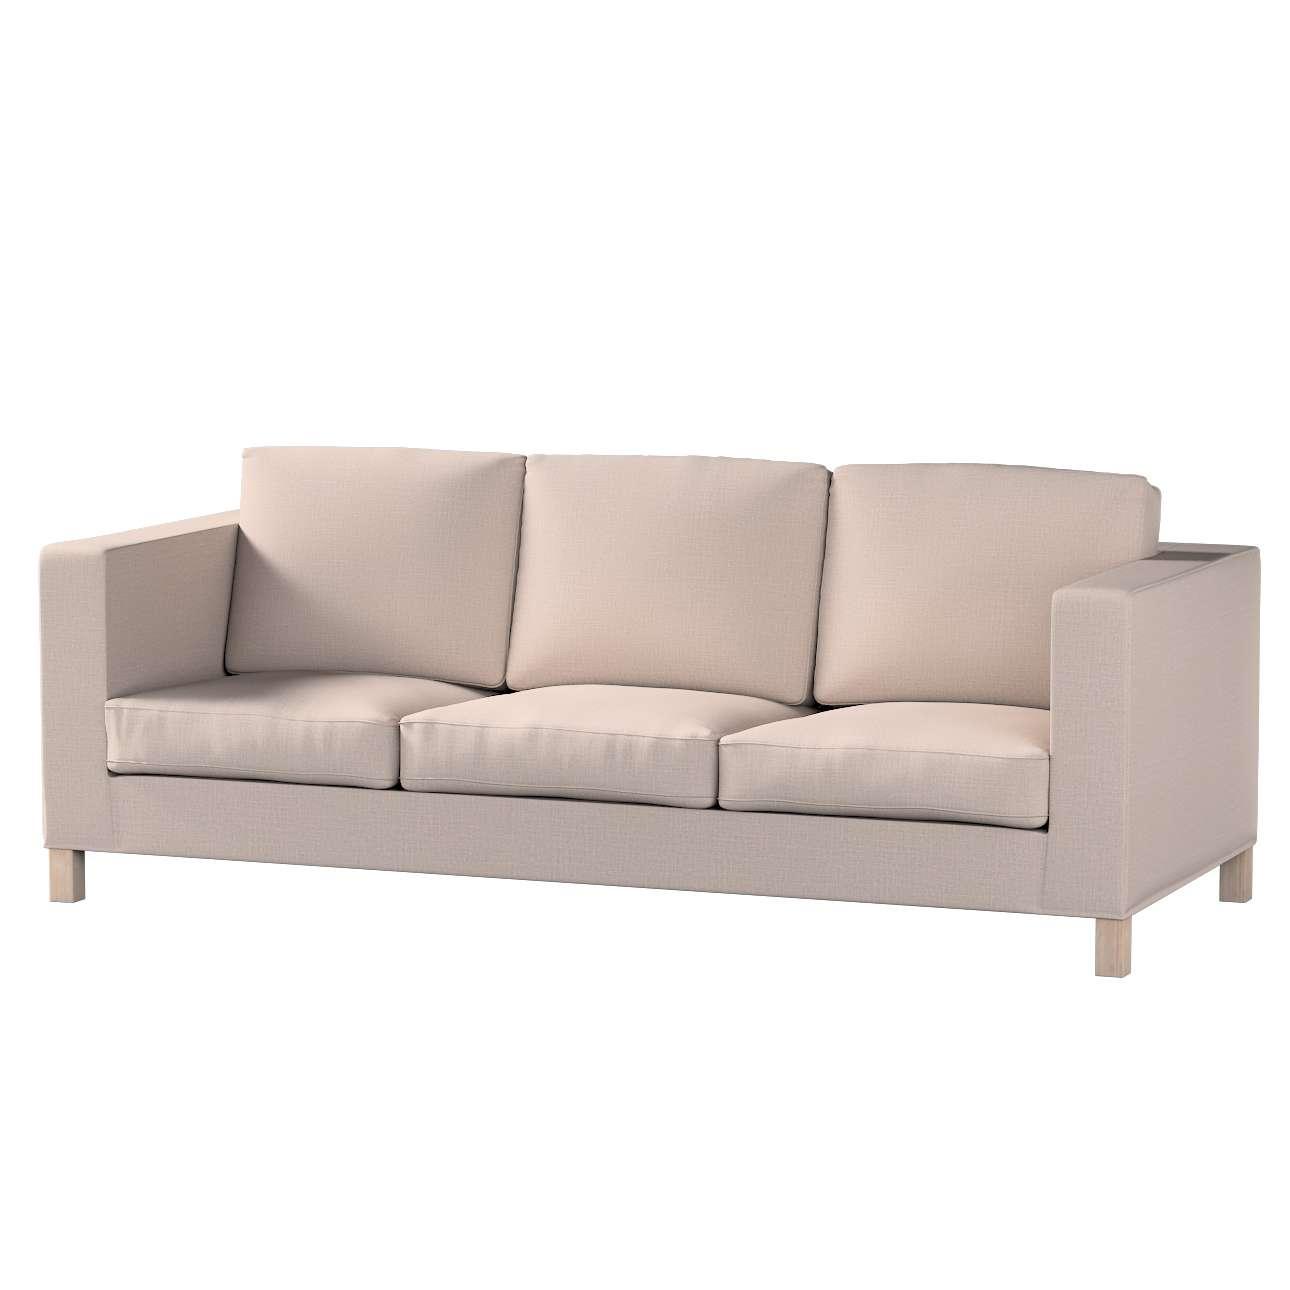 IKEA zitbankhoes overtrek voor Karlanda 3 zitsbank, kort